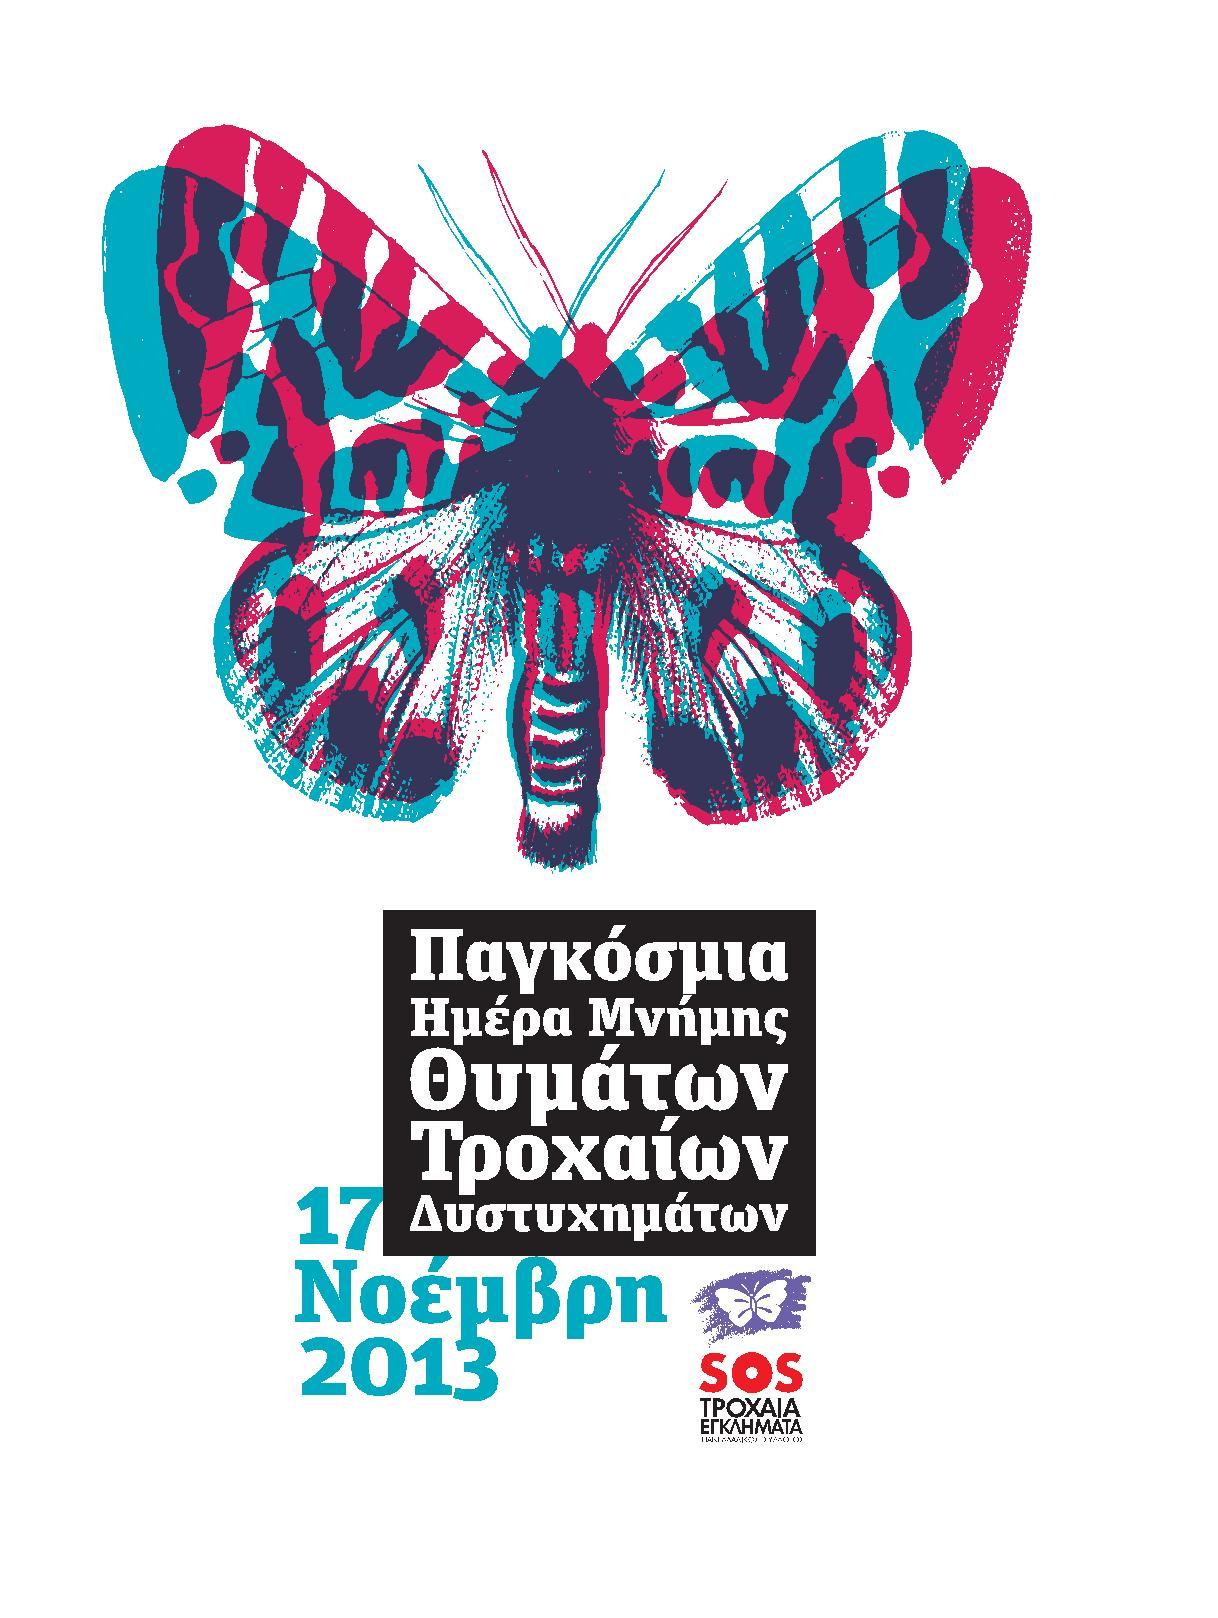 Δημήτρης Θ. Αρβανίτης- Αφίσες για τα Tροχαία Εγκλήματα